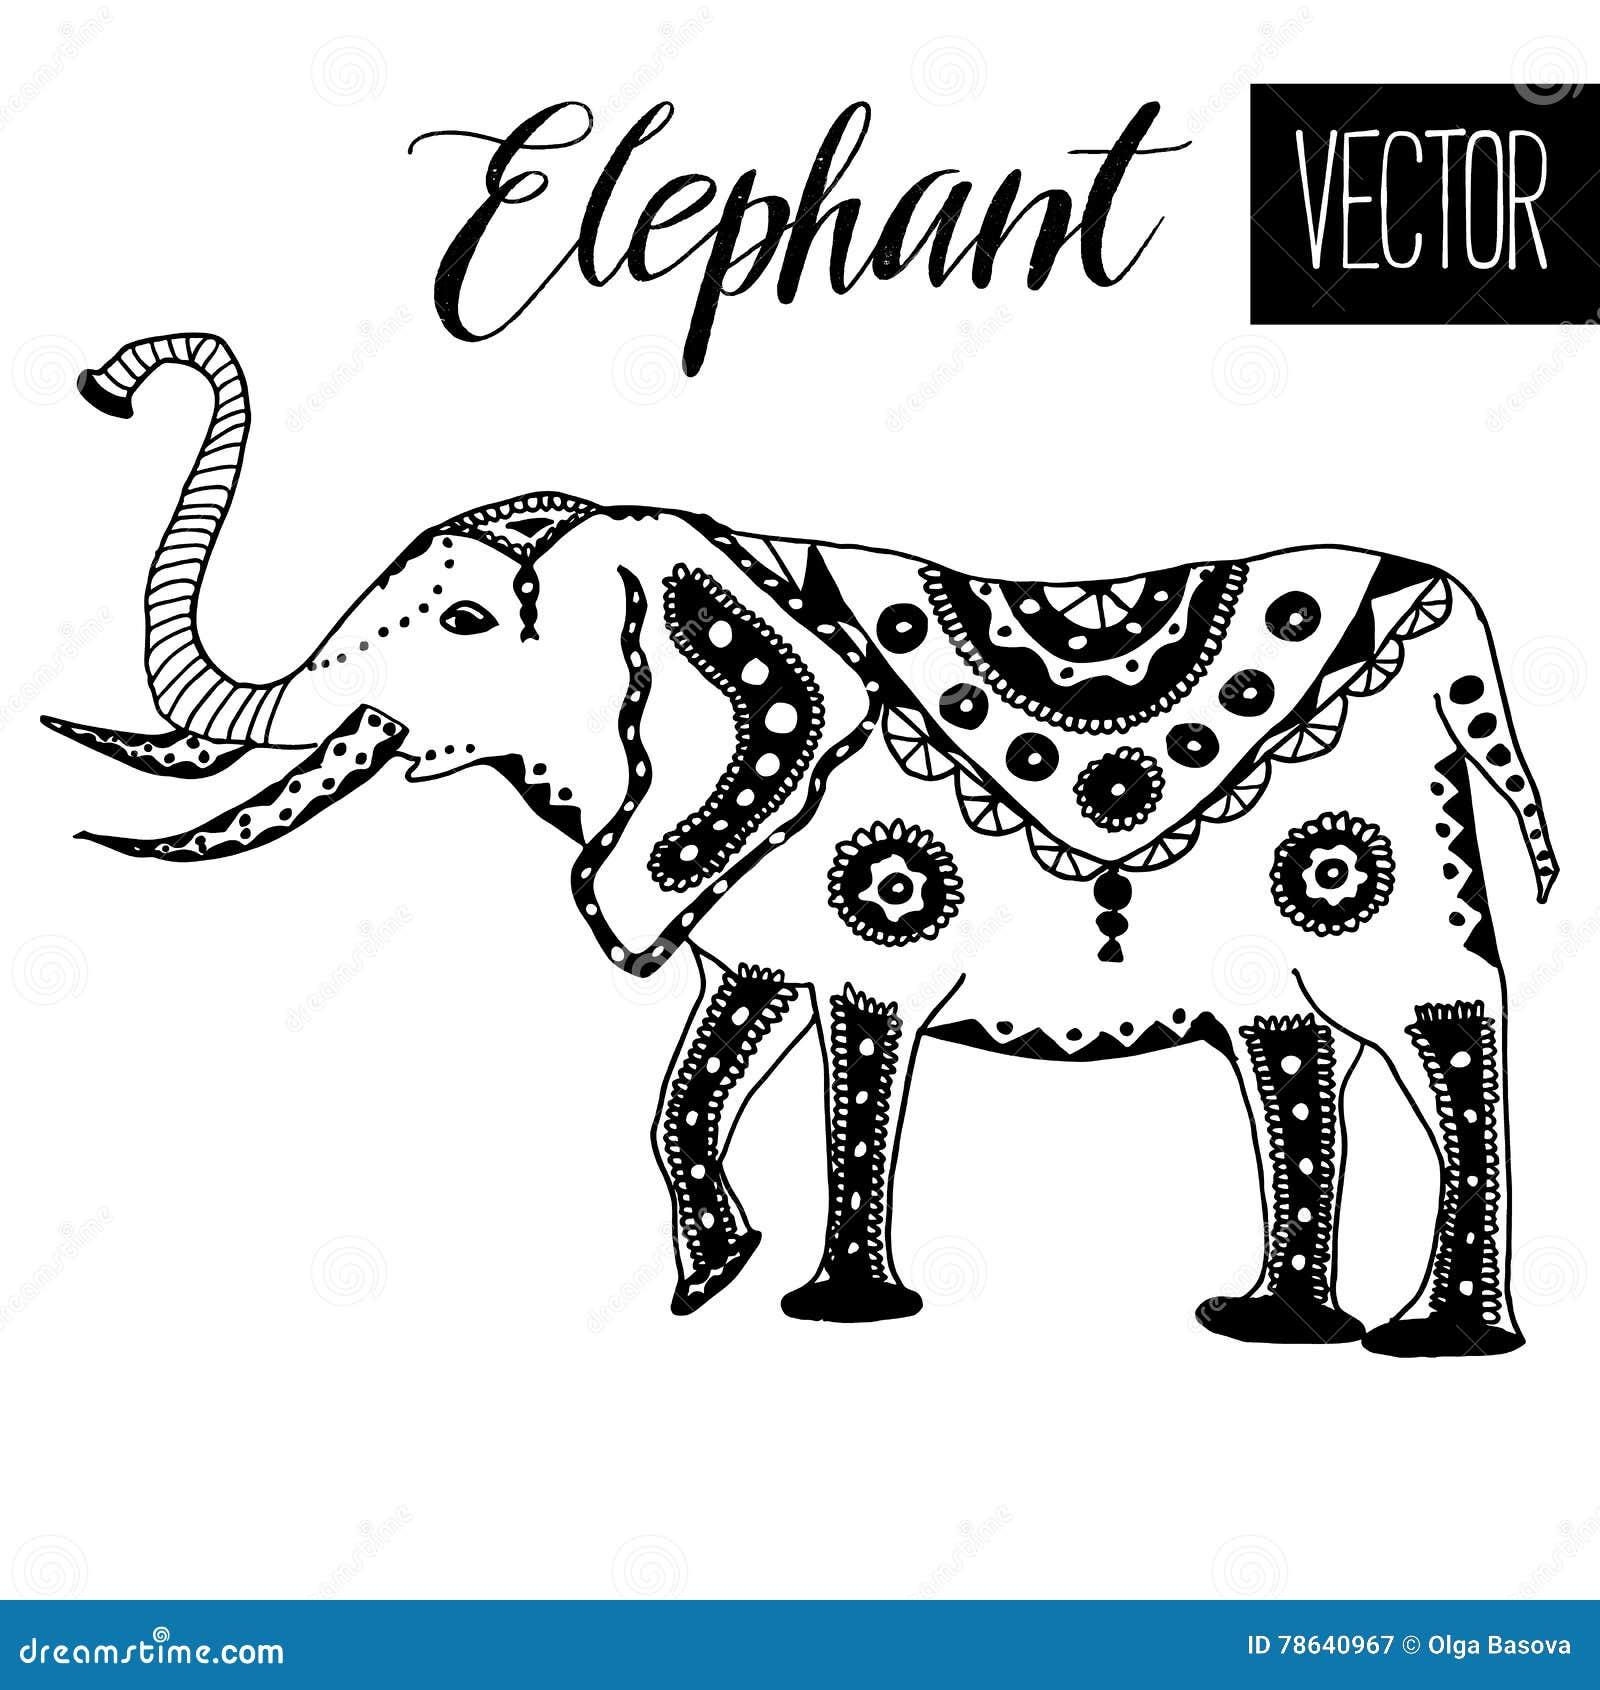 Hand drawn stylized elephant.